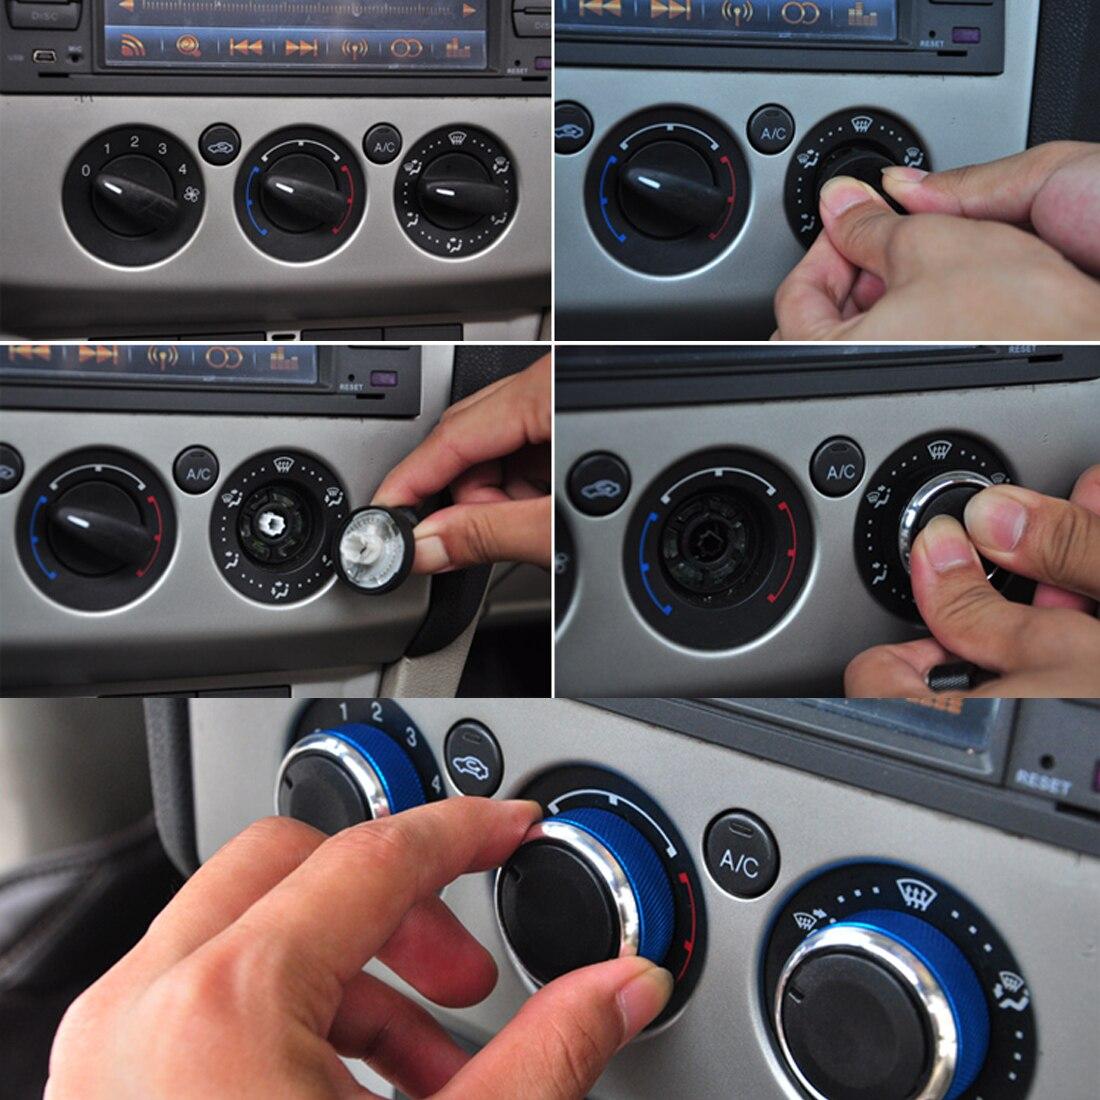 Dewtreetali 3 قطعة/الوحدة لفورد فوكس مونديو تكييف الهواء التبديل التيار المتناوب مقبض السيارة غطاء التحكم في الحرارة ل التركيز 2 التركيز 3